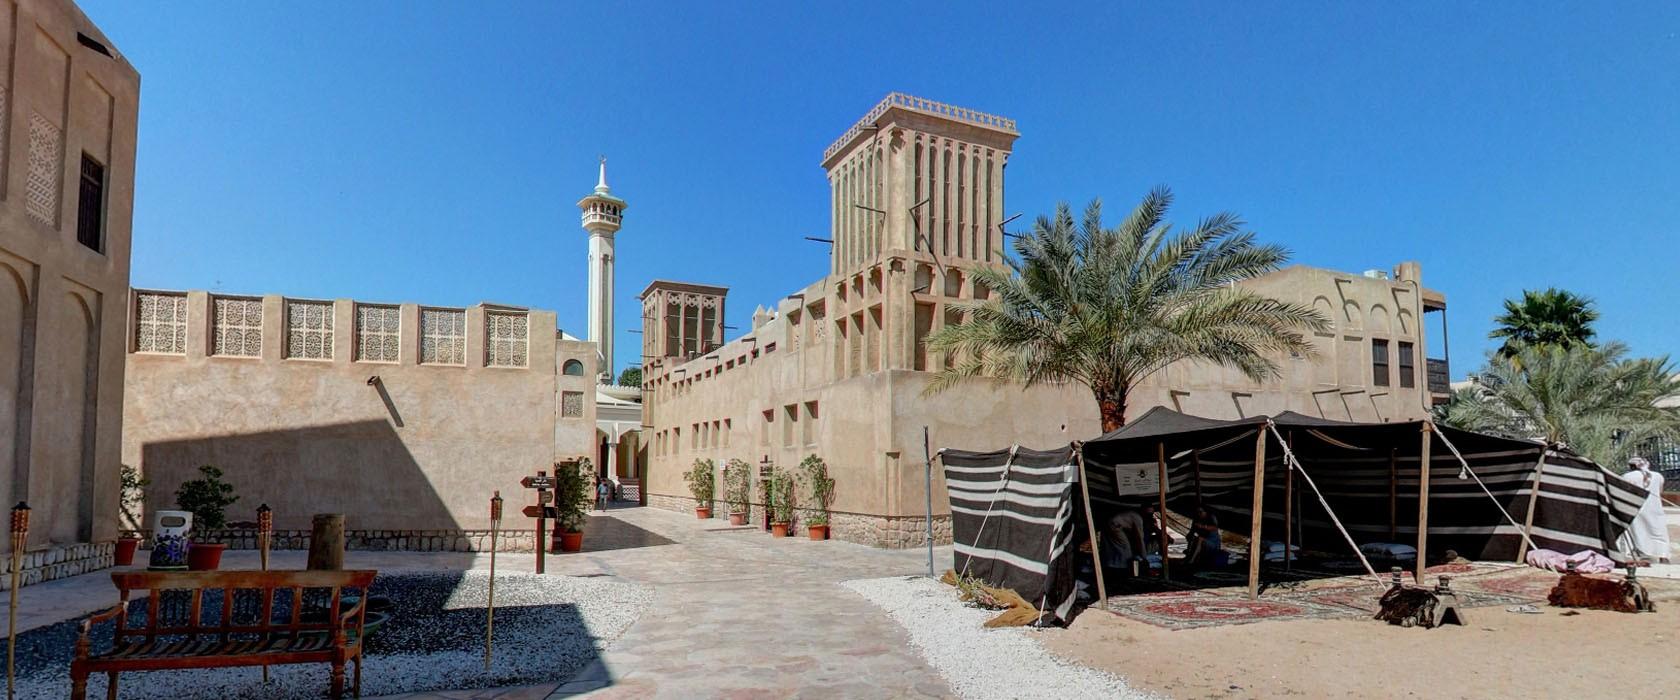 Top 10 gratis bezienswaardigheden in Dubai